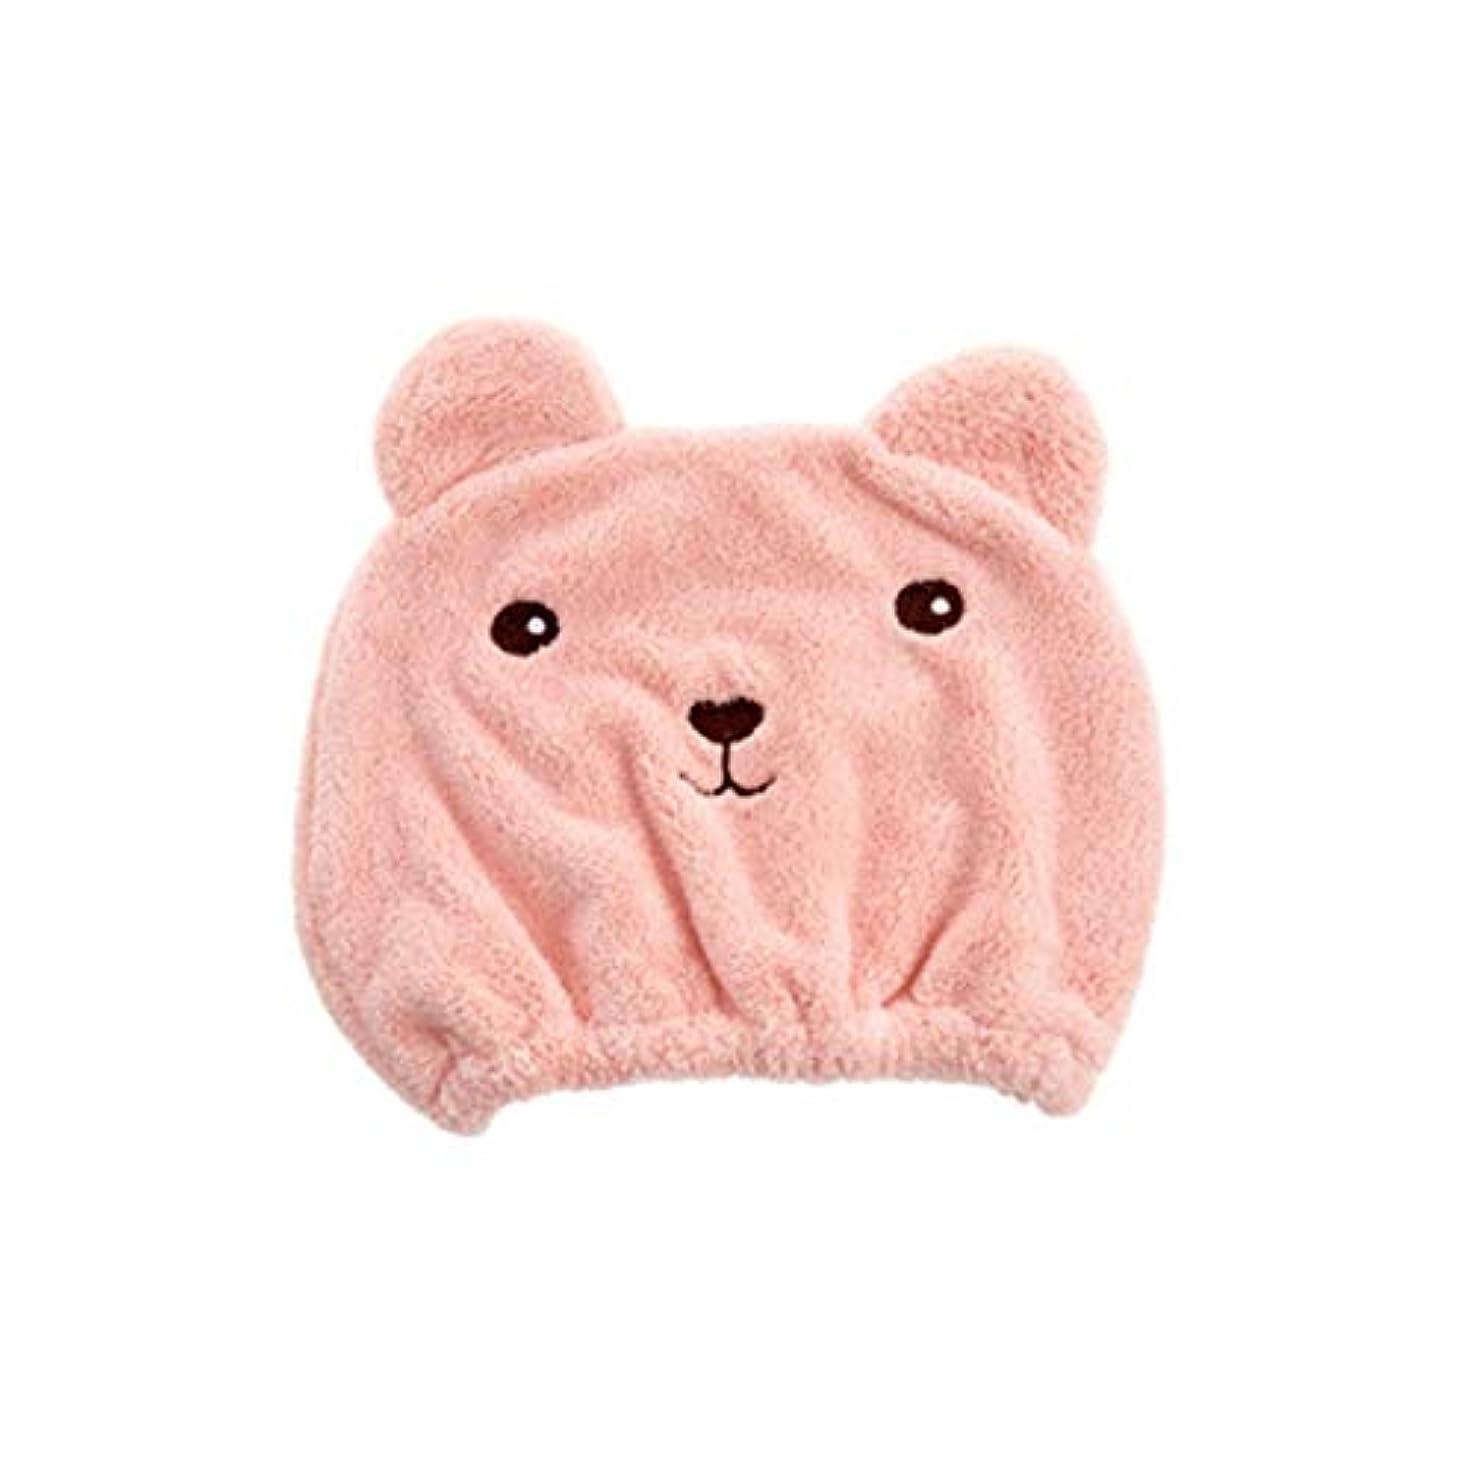 花瓶トラフバースQXFD 橋ホーム動物漫画スーパードライヘアーキャップ速乾性ターバンかわいい髪の太い吸収アダルトシャワーキャップ (Color : Pink)